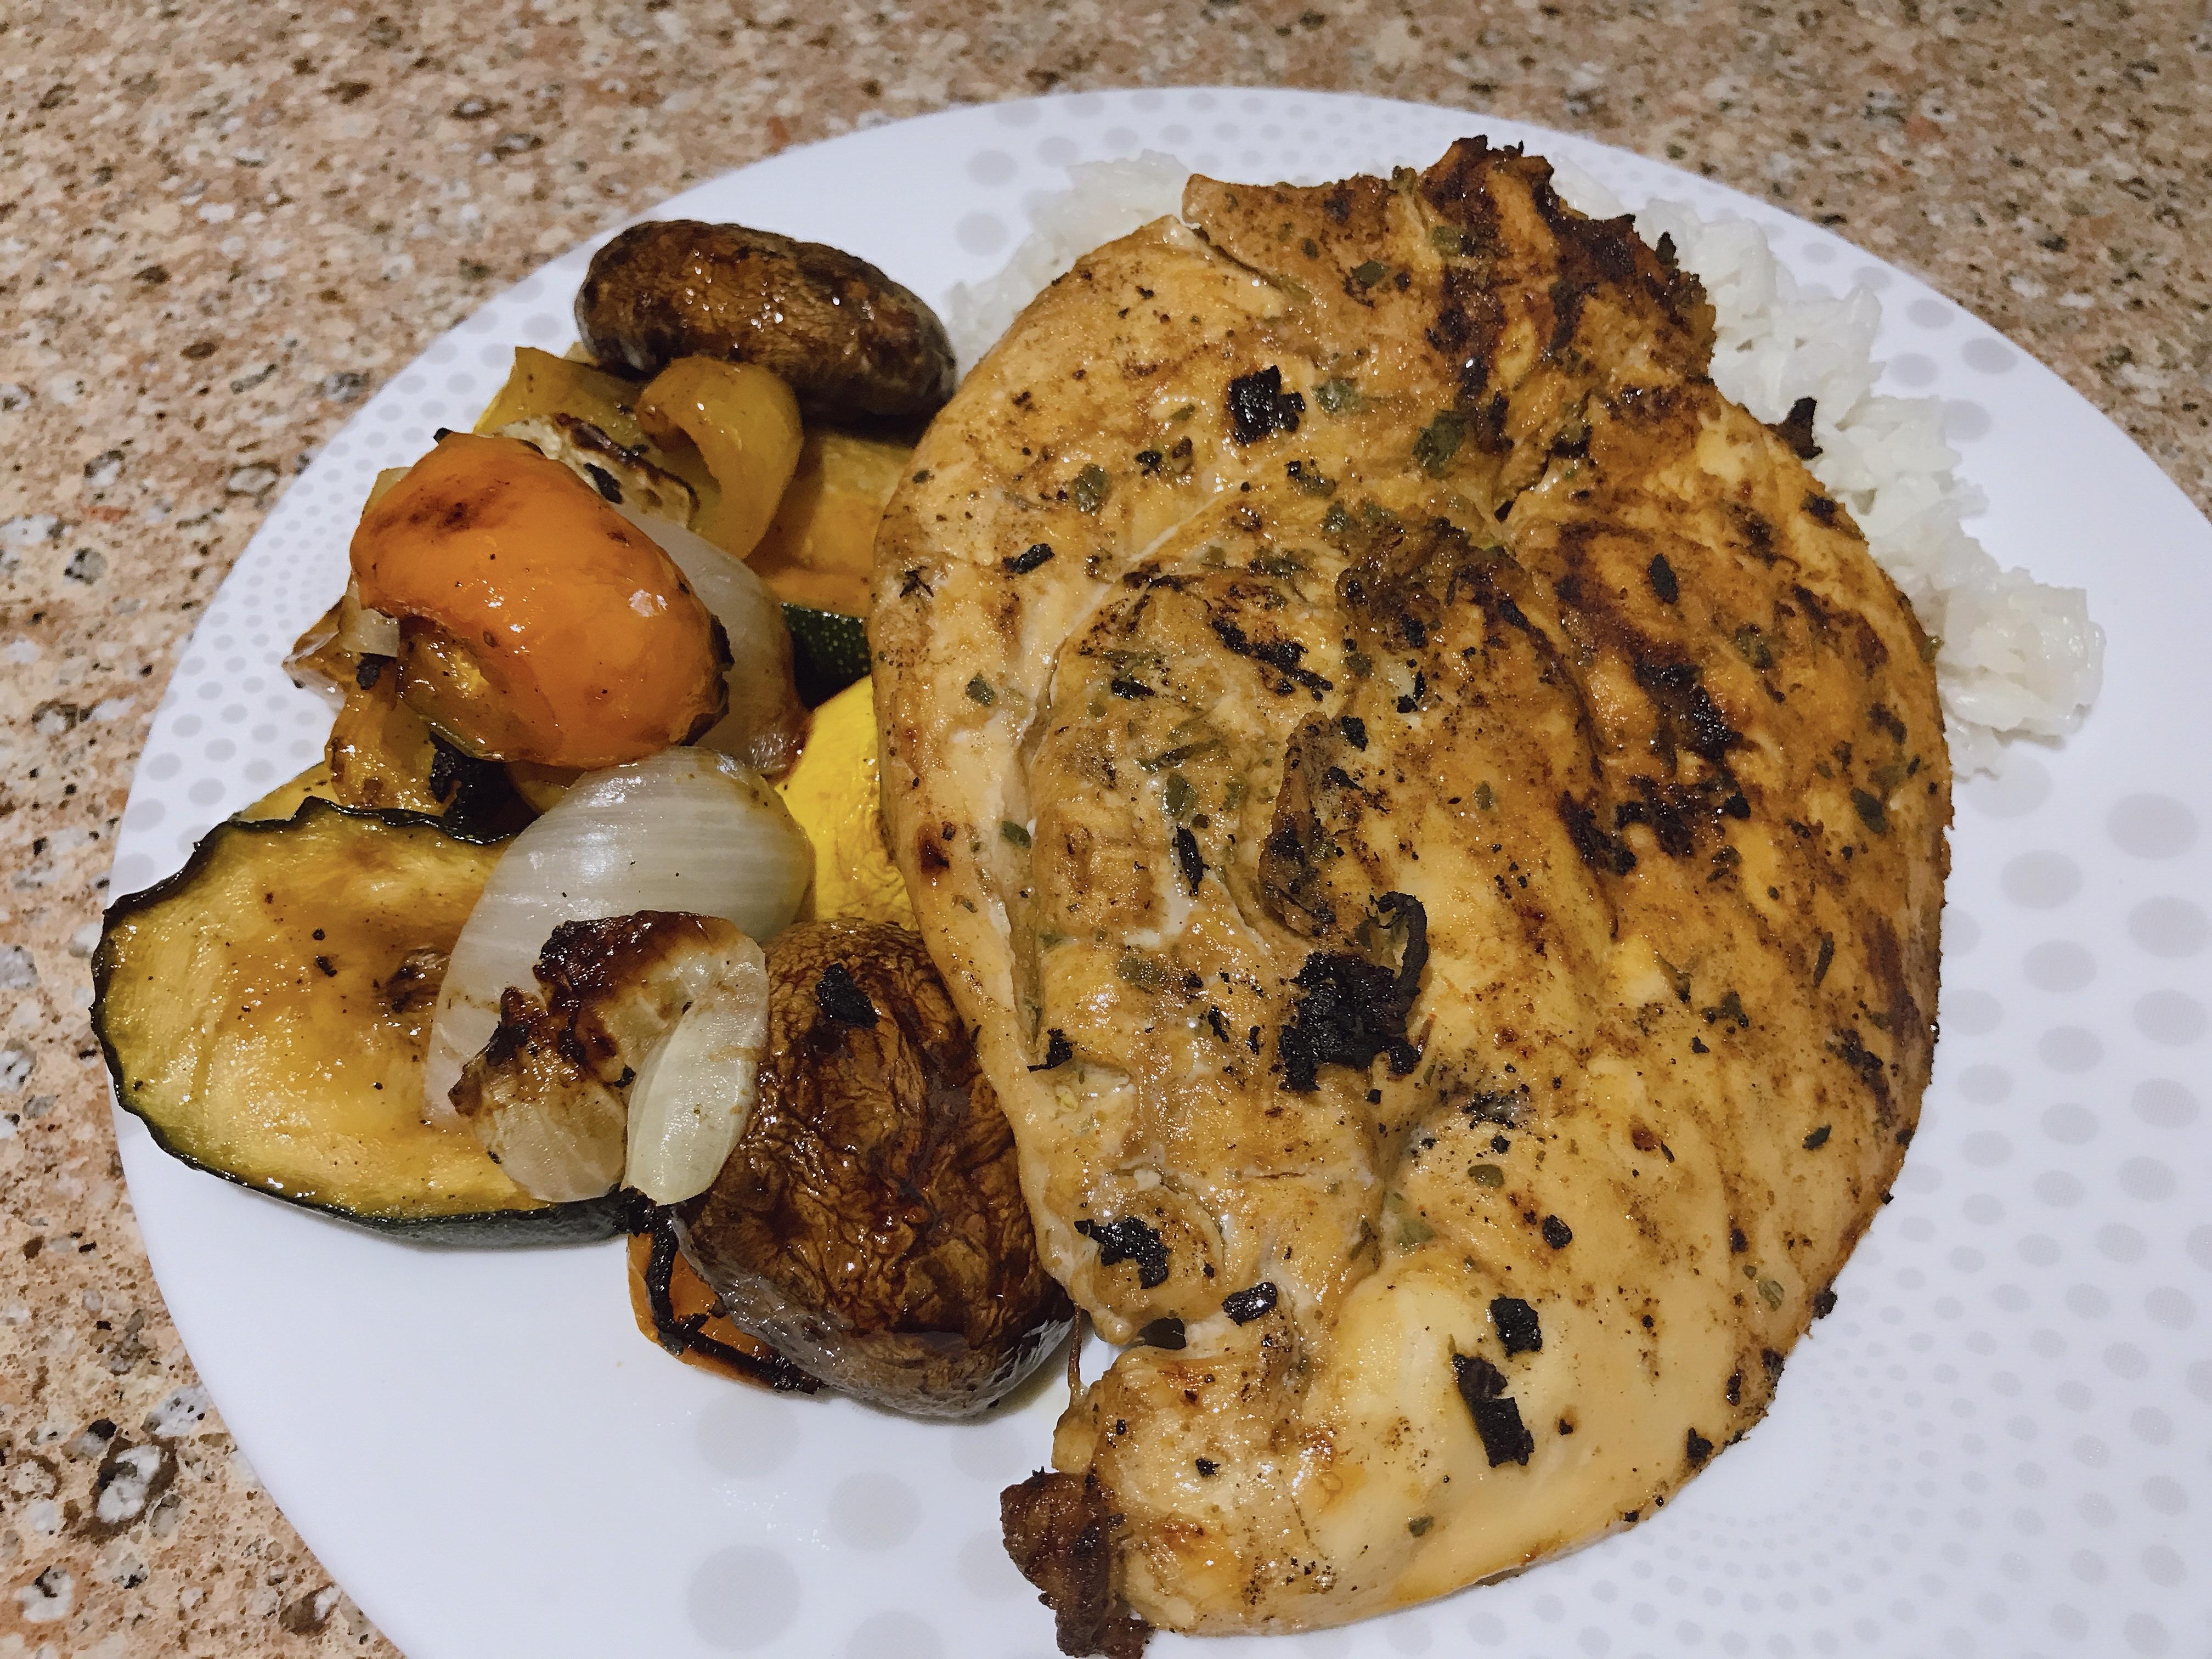 Grilled Pollo a la Brasa